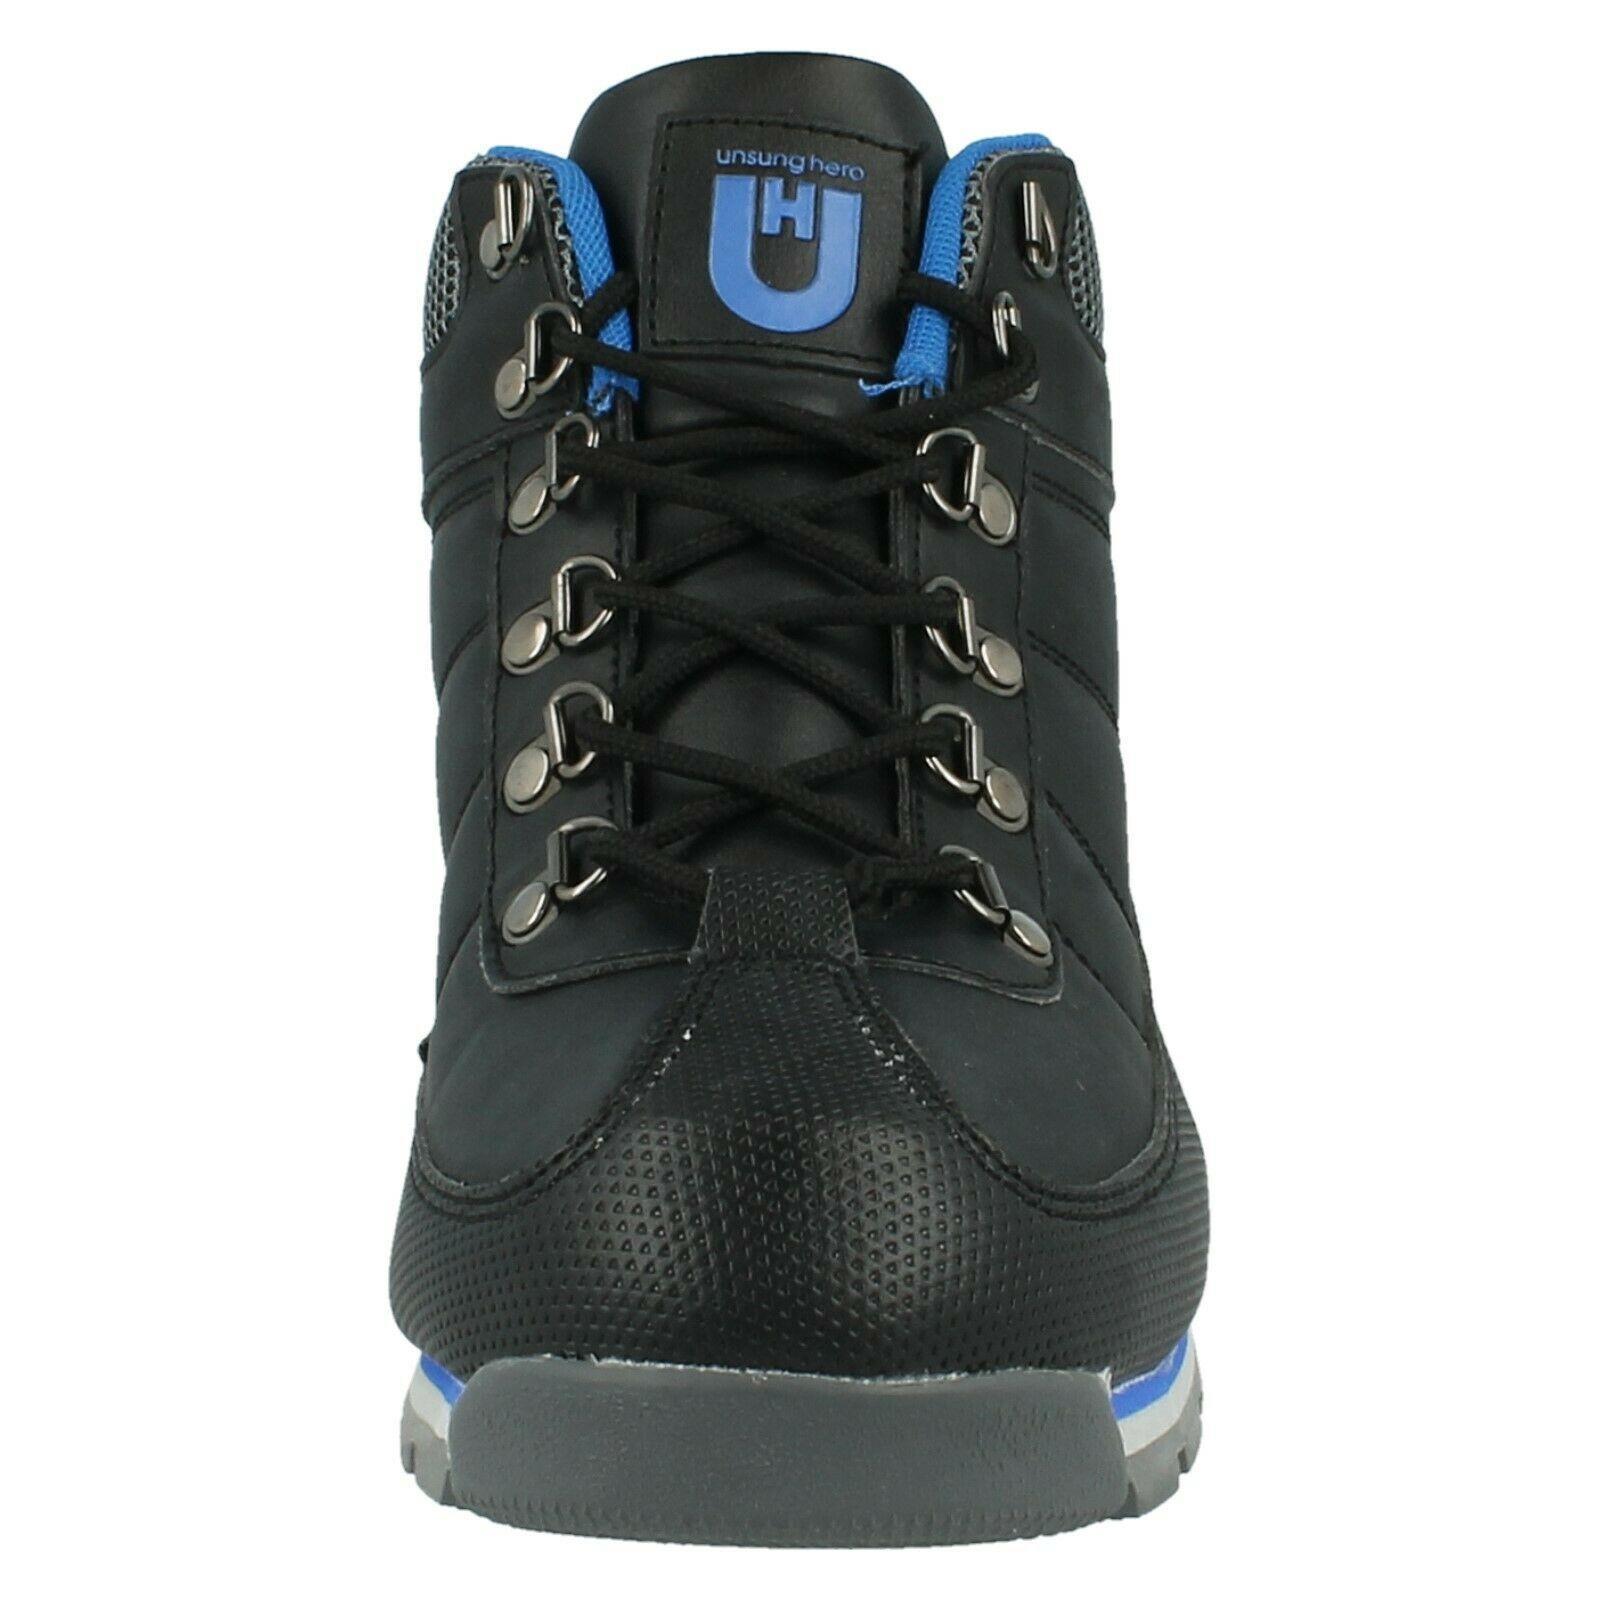 Henleys-unsunghero-Para-hombre-Botas-para-Caminar-Con-Cordones-Zapatos-De-Invierno-Al-Aire-Libre-7 miniatura 21